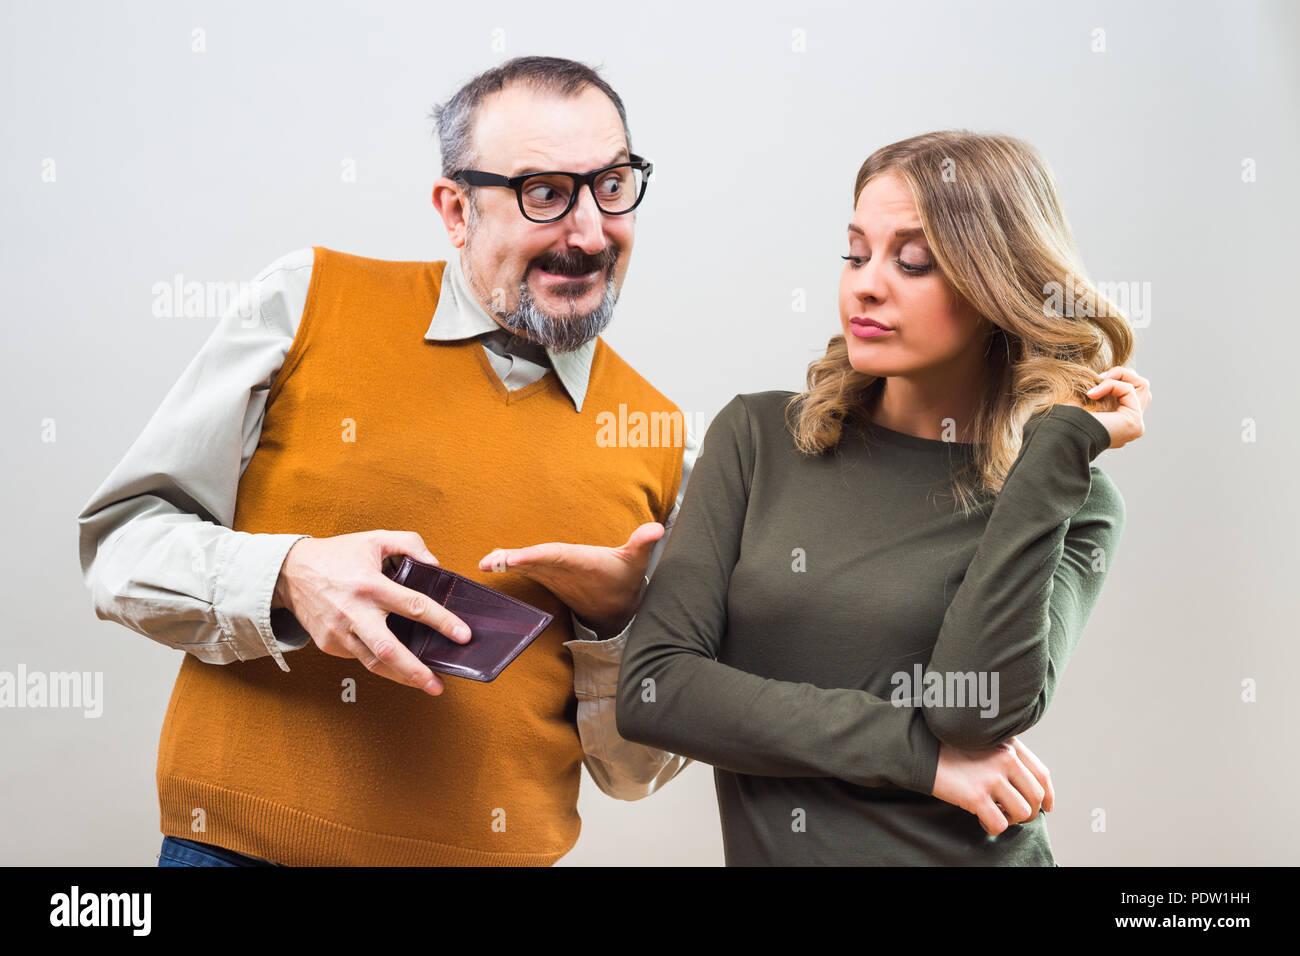 Nerdy man tente d'obtenir l'attention d'une belle femme en lui montrant son portefeuille plein d'argent, mais elle n'est toujours pas intéressé. Photo Stock